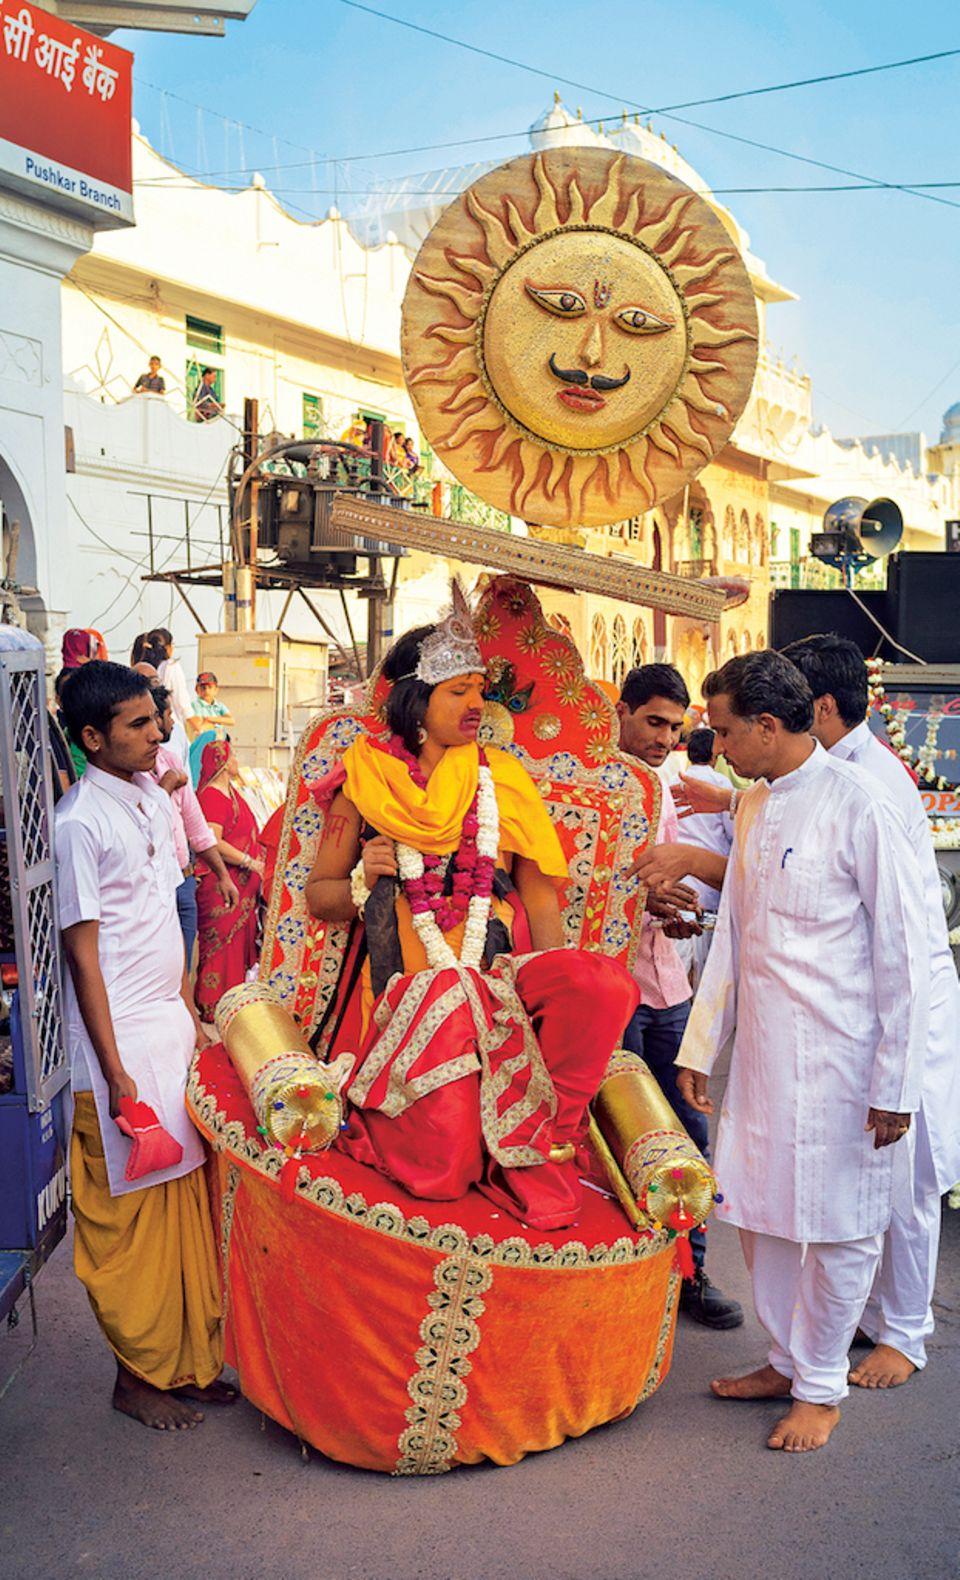 Rajasthan: Bild von Prozession in Pushkar